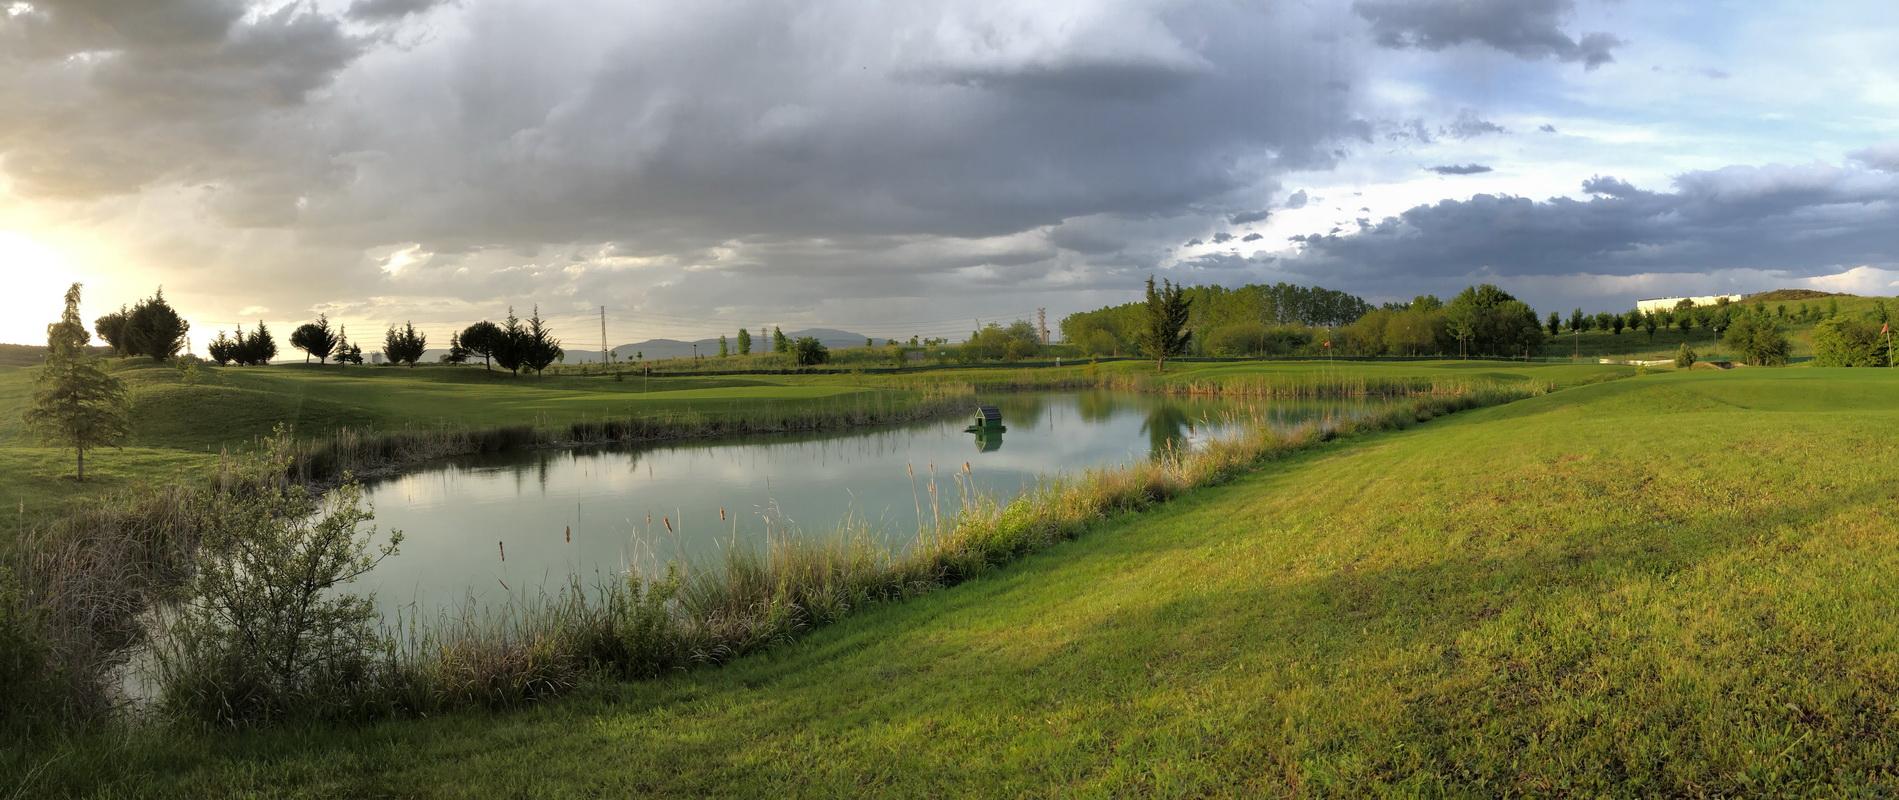 campo-de-golf-jundiz-vitoria-alava